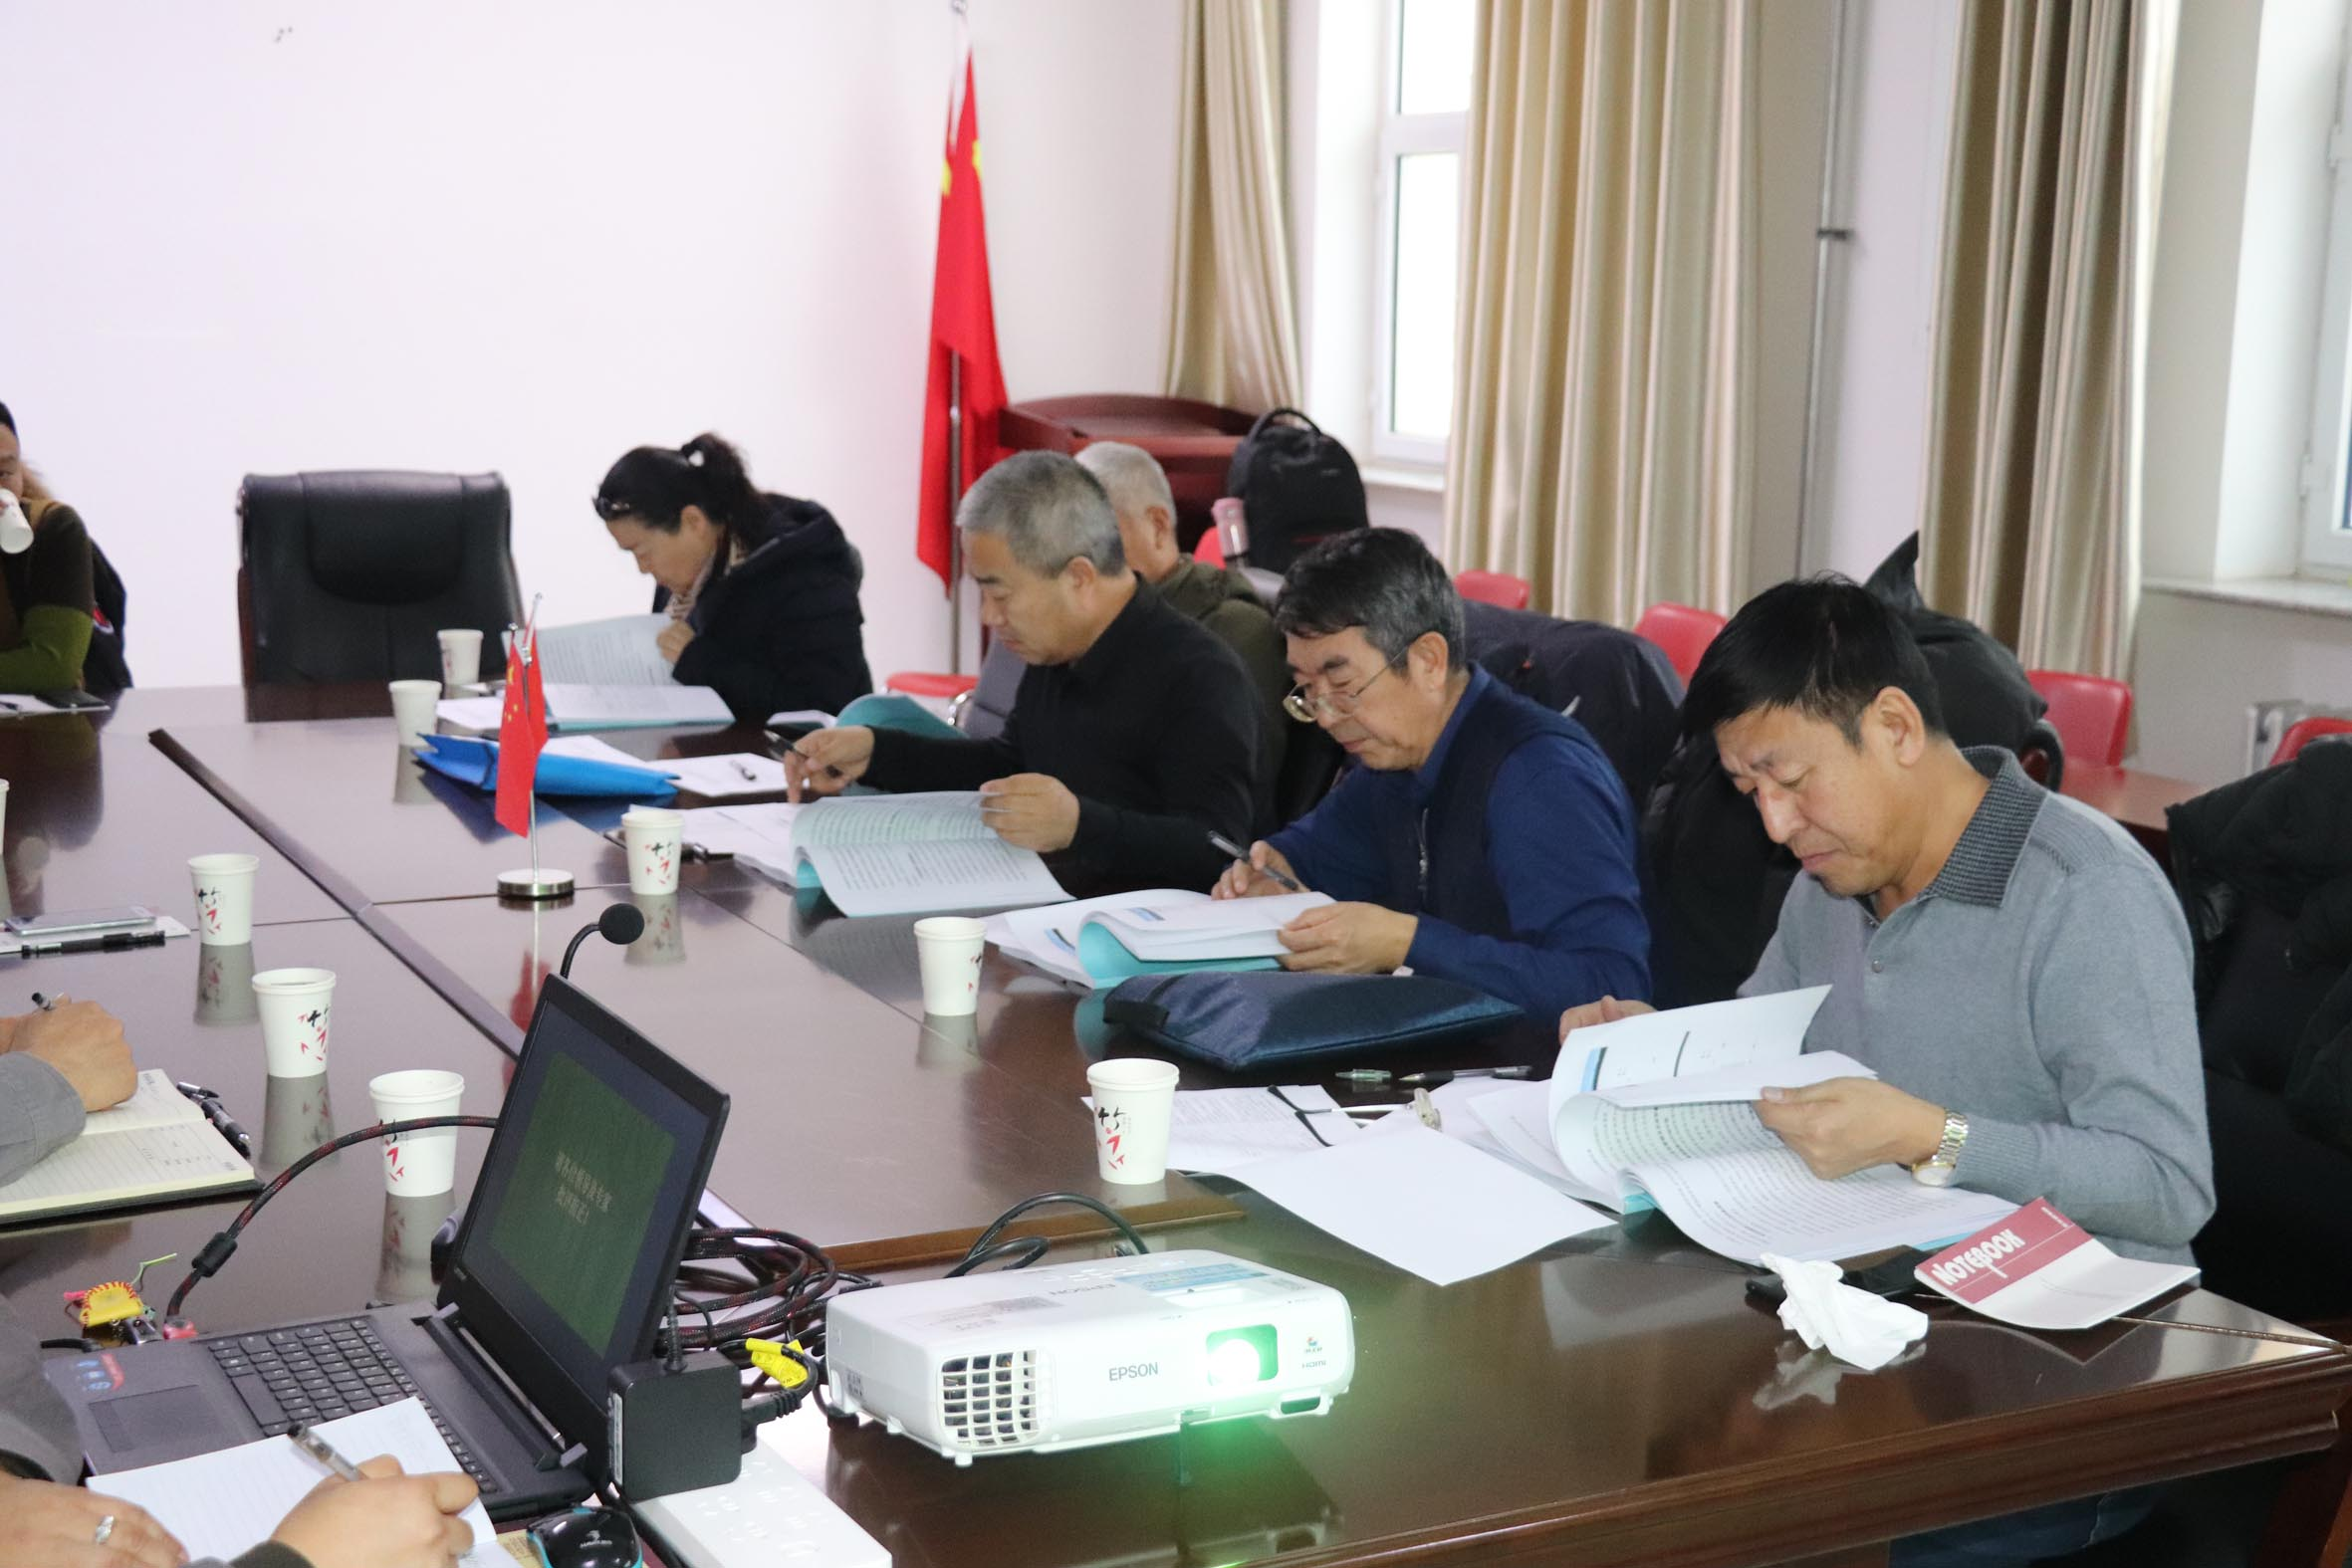 金都矿业自治区级绿色矿山高分通过第三方核查机构评估